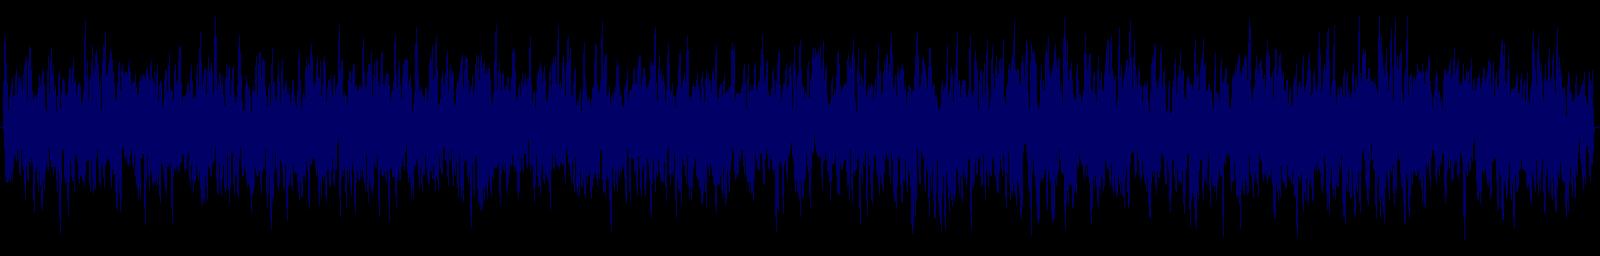 waveform of track #146066